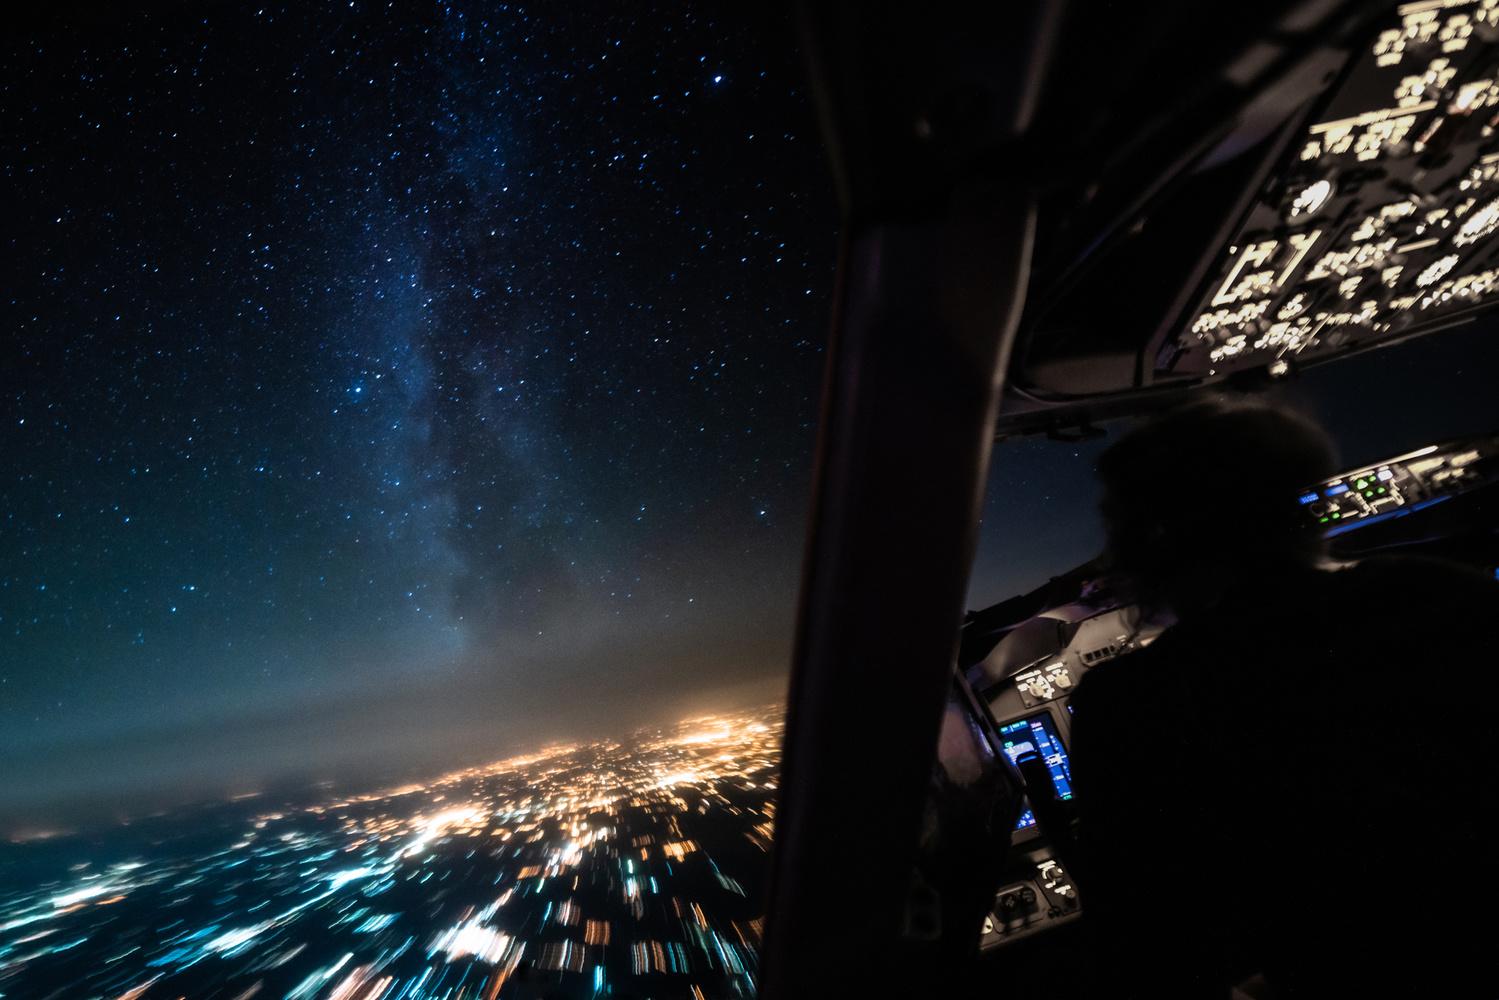 Milkyway from above by Steven de Vet